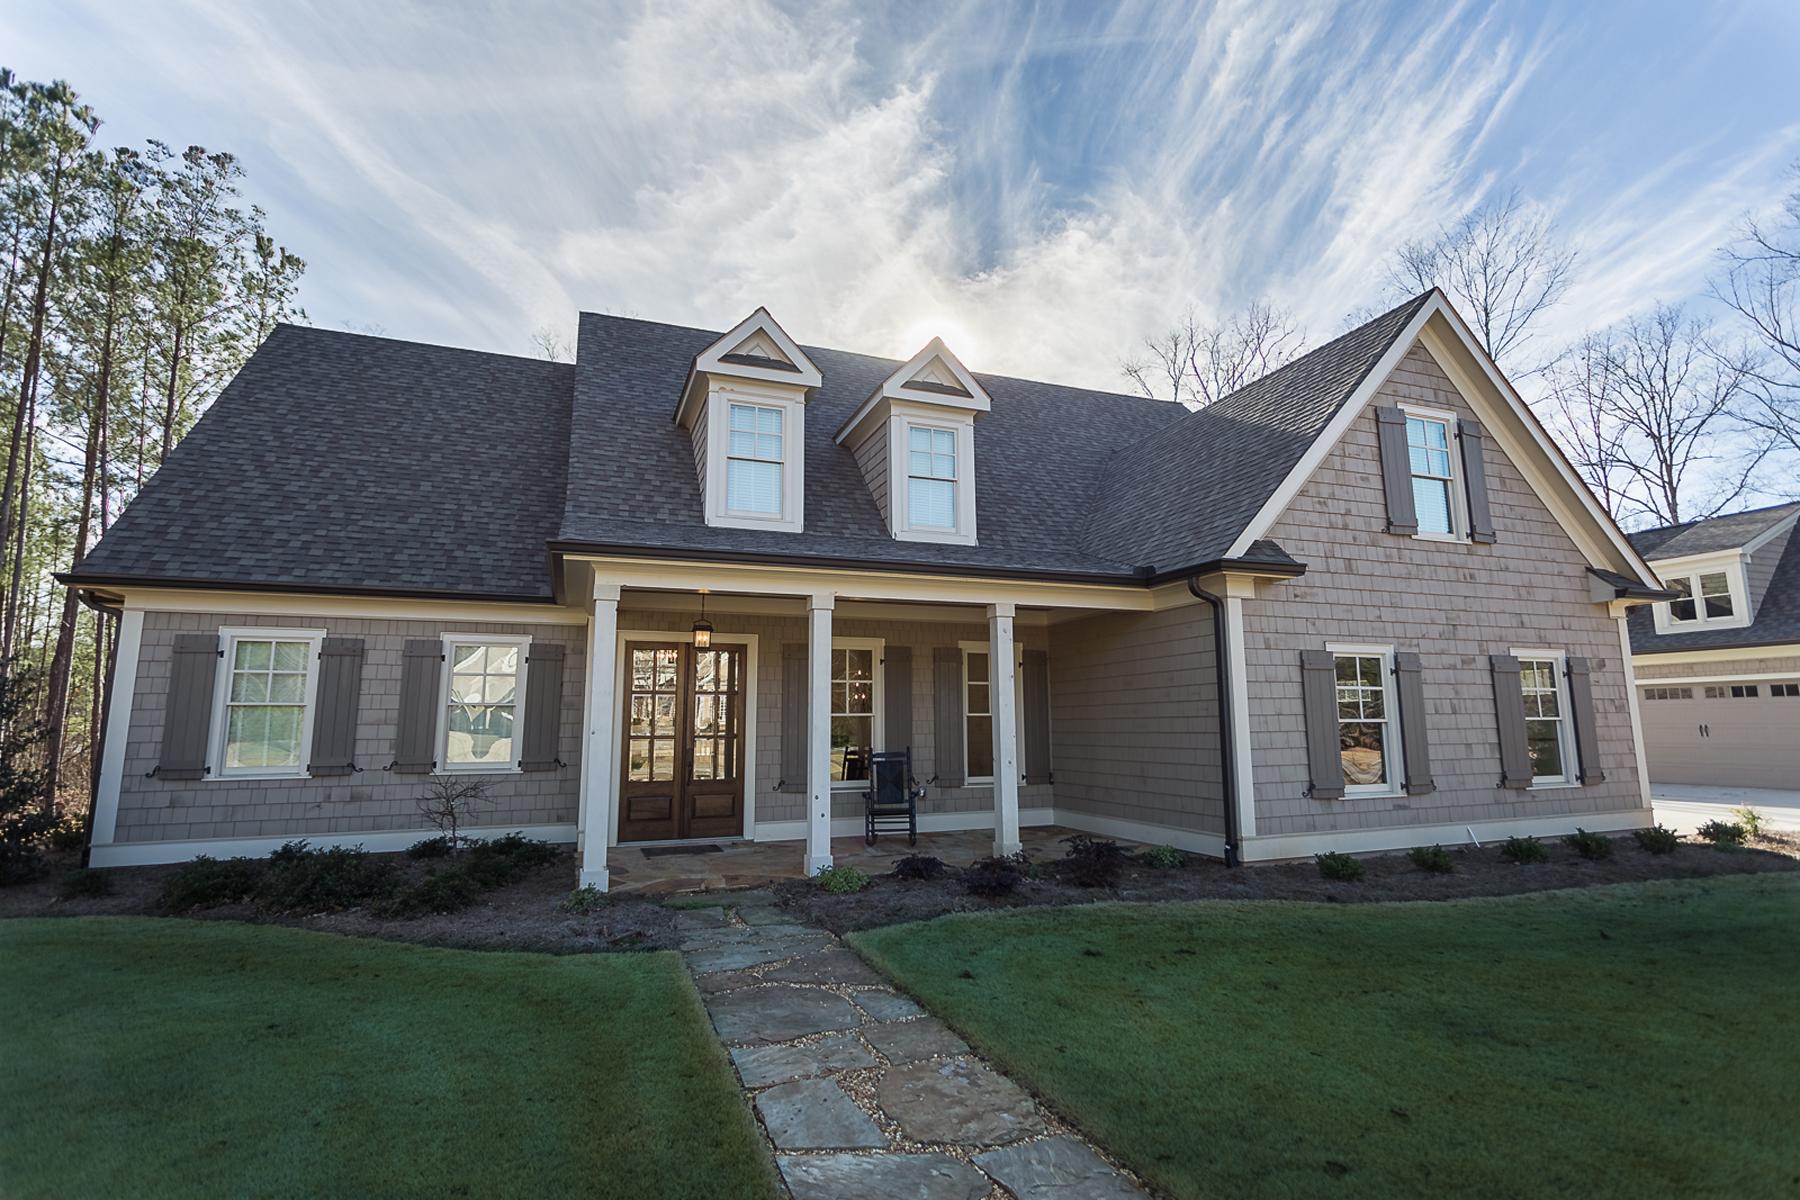 단독 가정 주택 용 매매 에 Better Than New! Builder's Personal Custom Home Built In 2015 370 Sidney Lane, Fayetteville, 조지아, 30215 미국